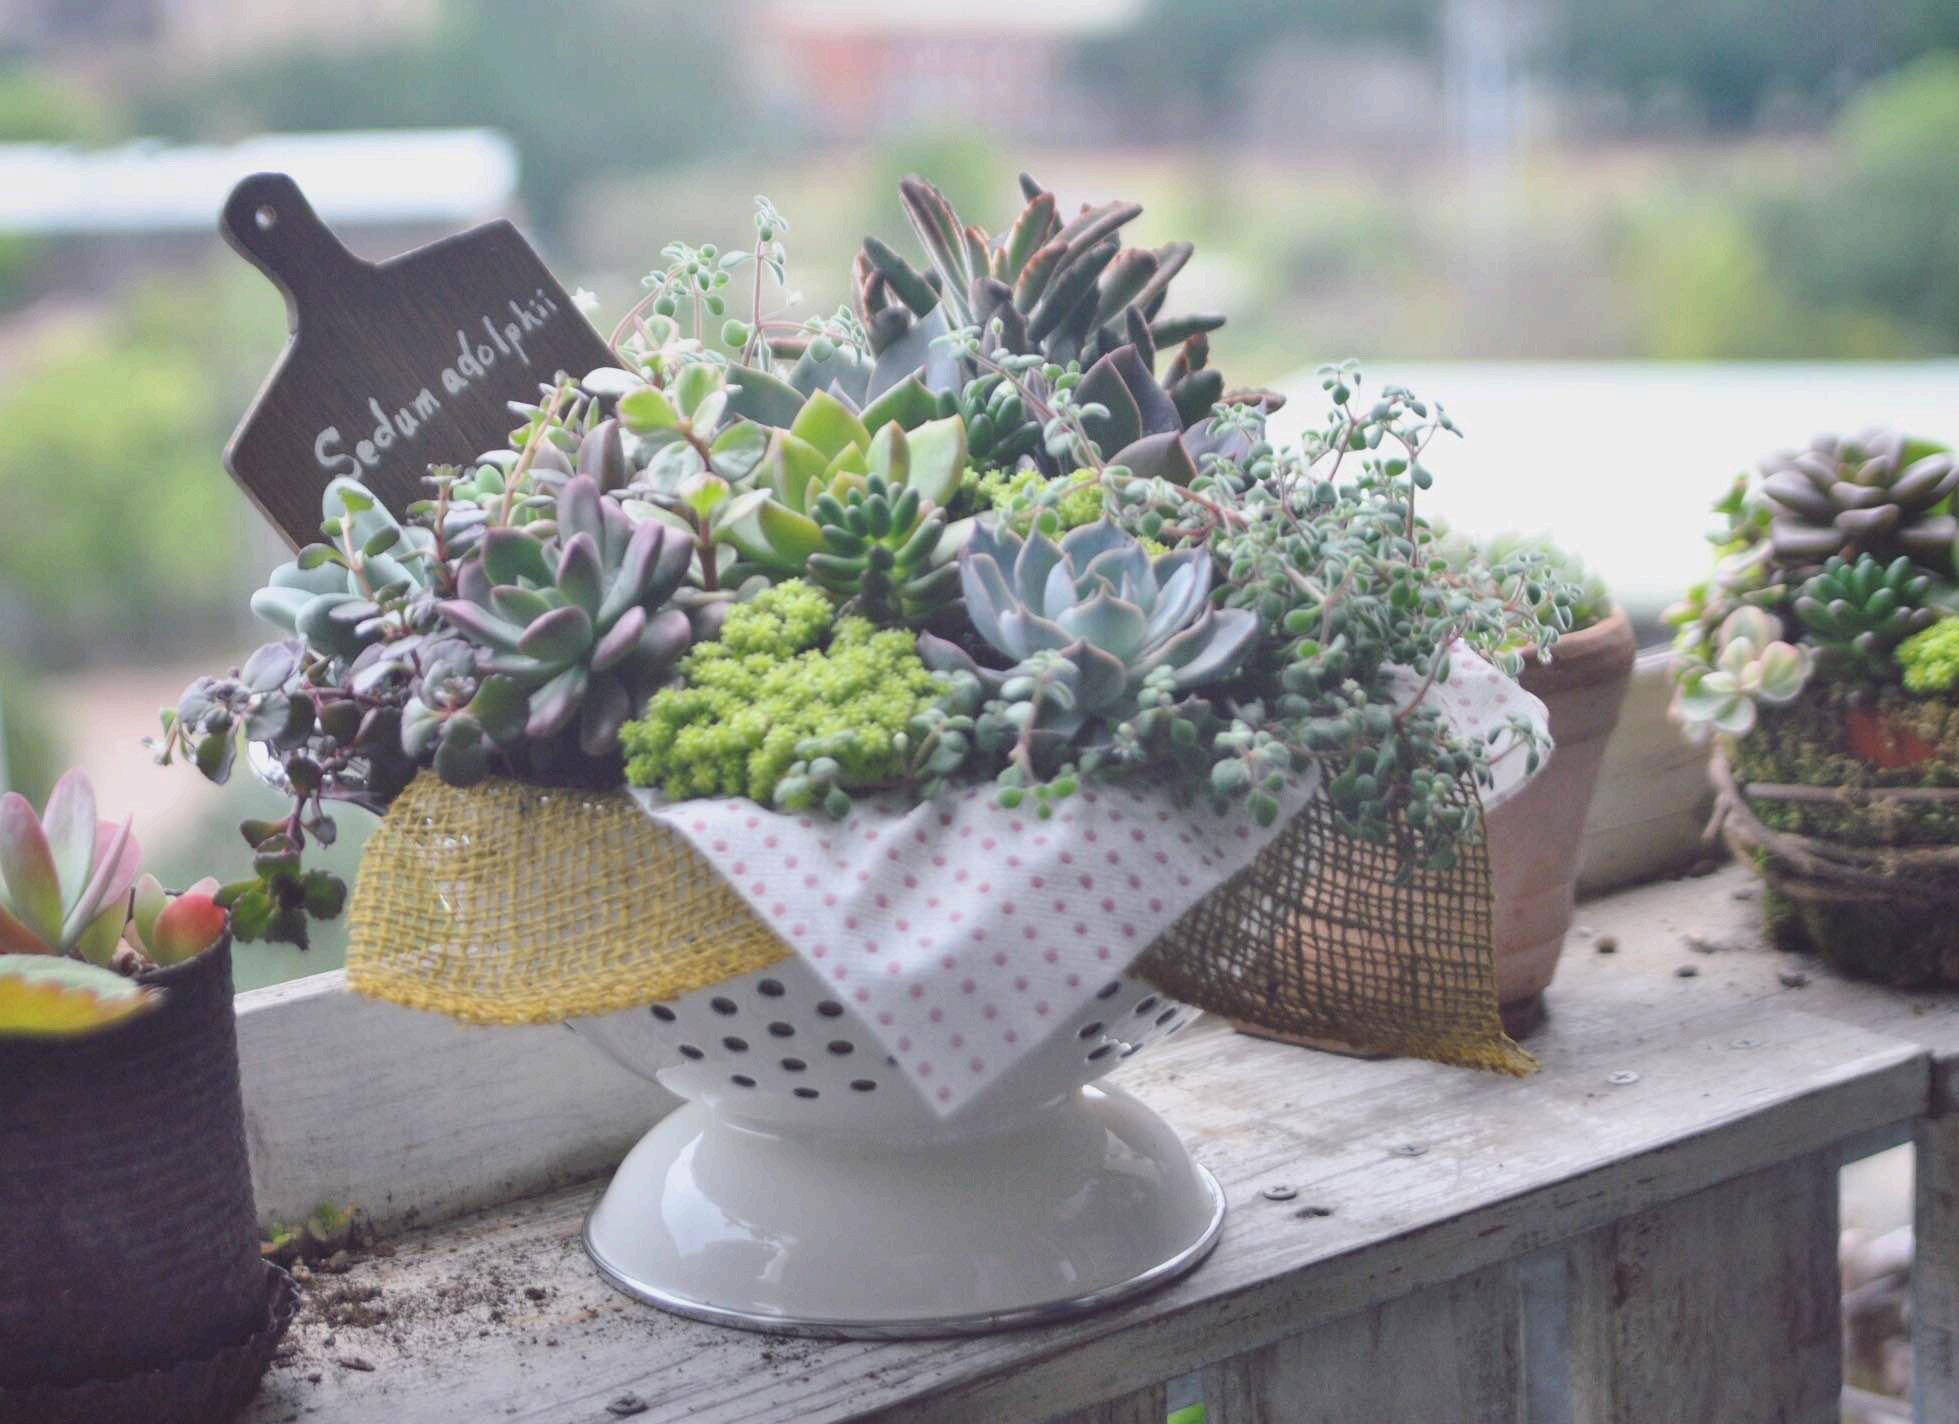 生活中容易取得的器皿,隨興與花草搭配,多了幾分悠閒況味。圖片由茉莉提供。